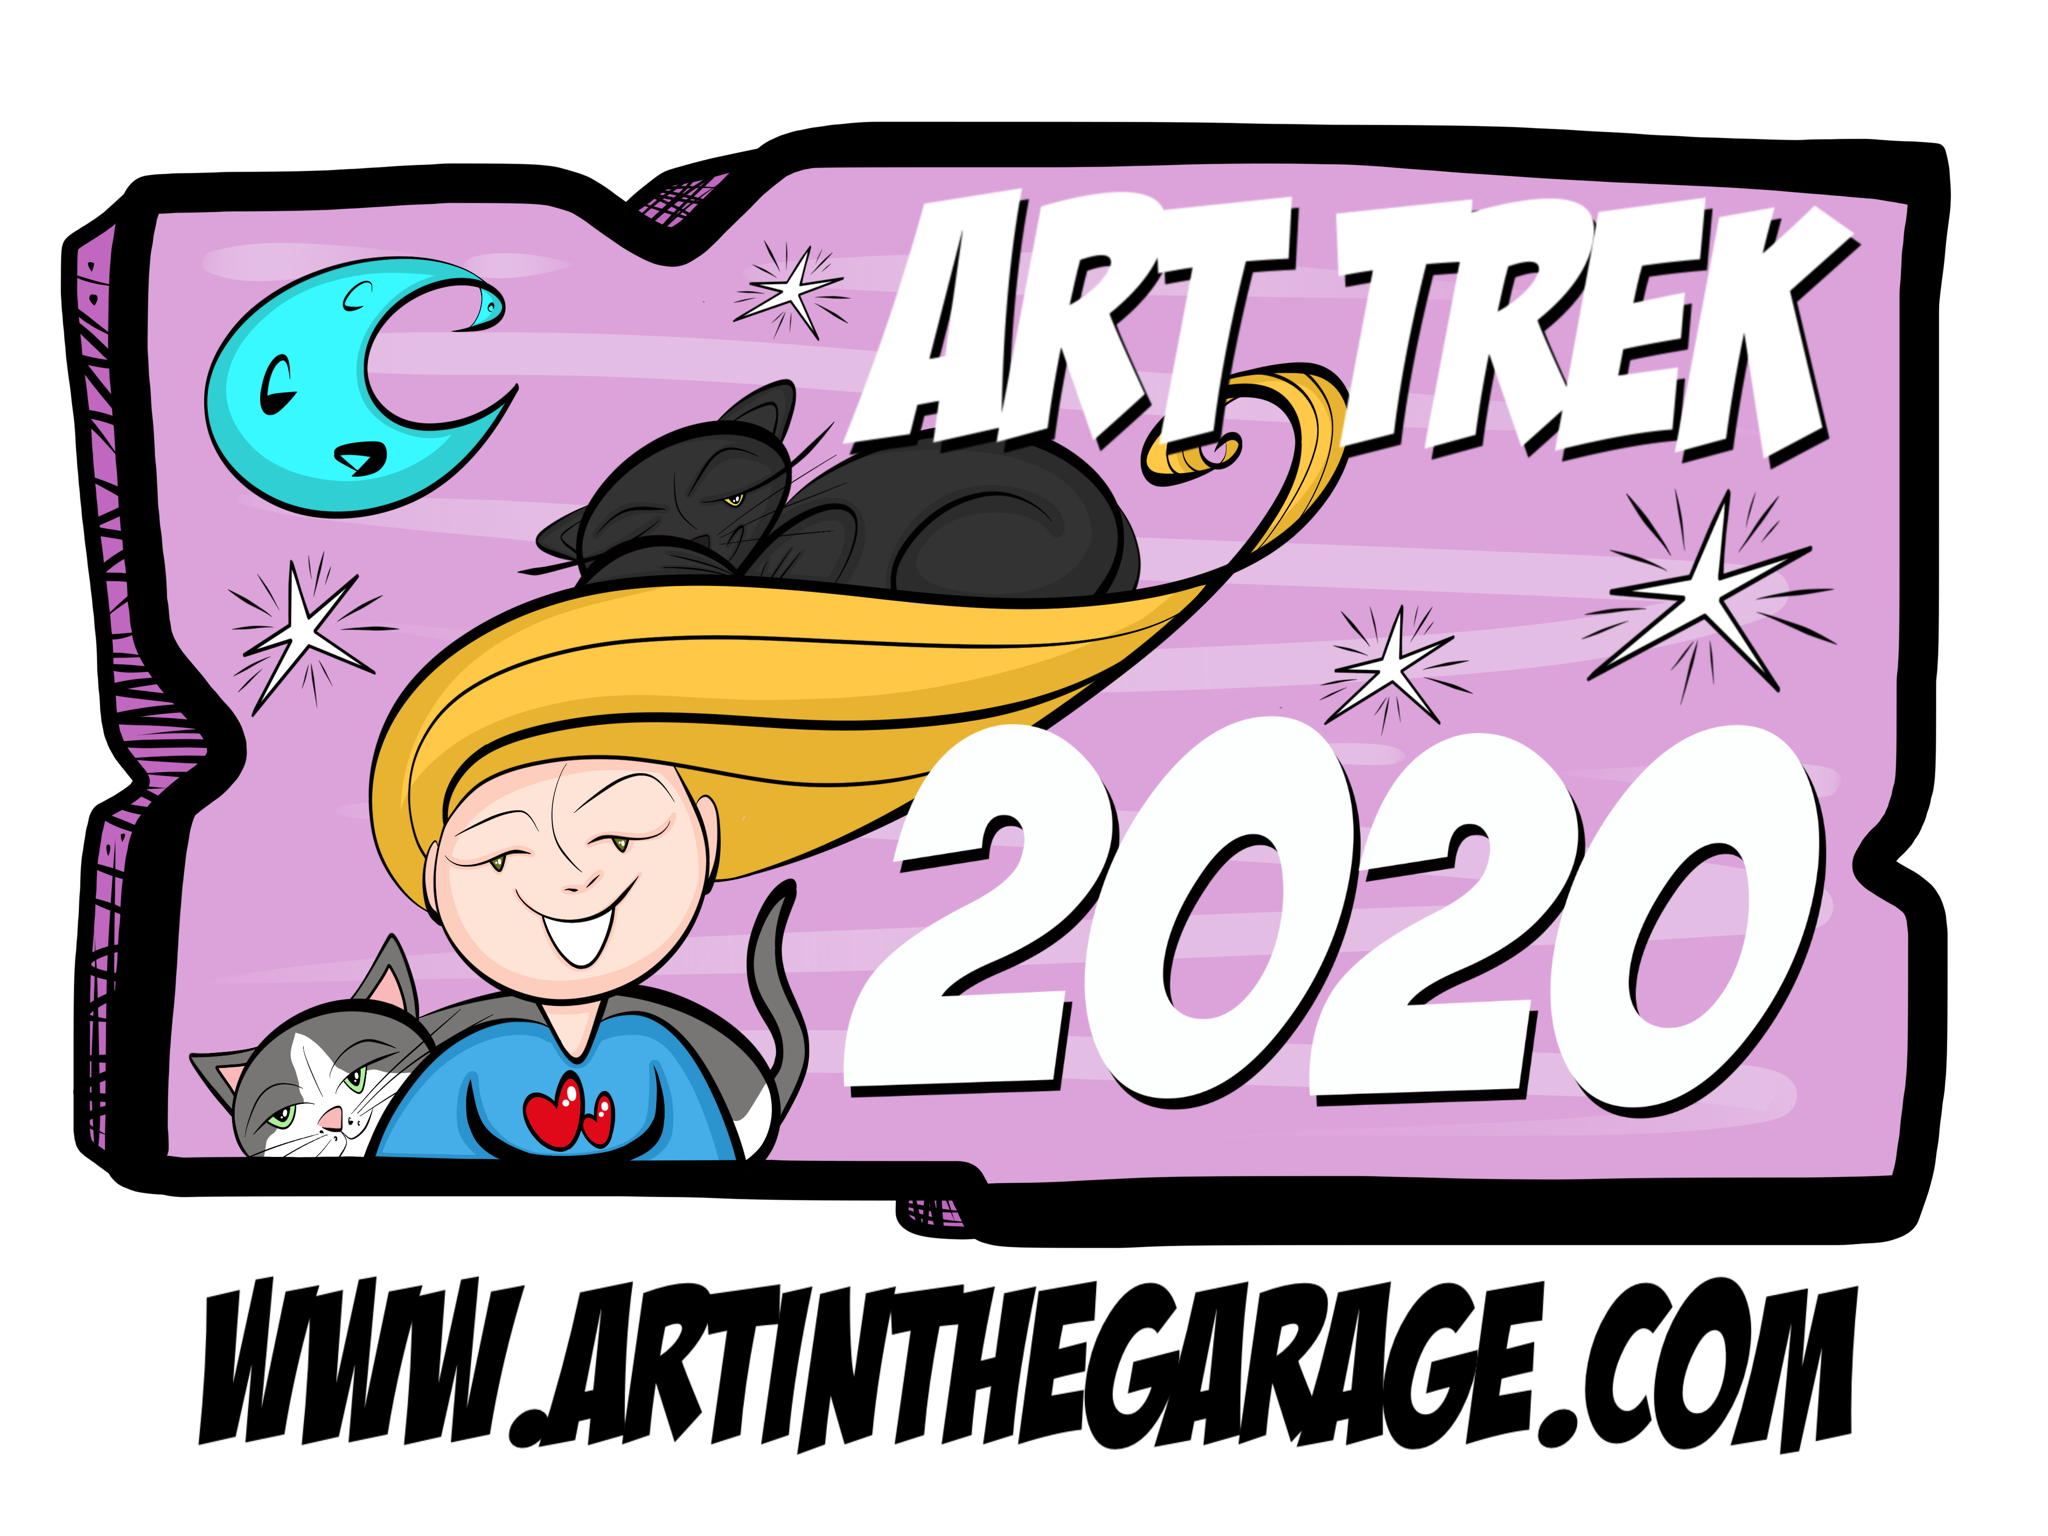 12-21-19 Art Trek 2020 Button TPG